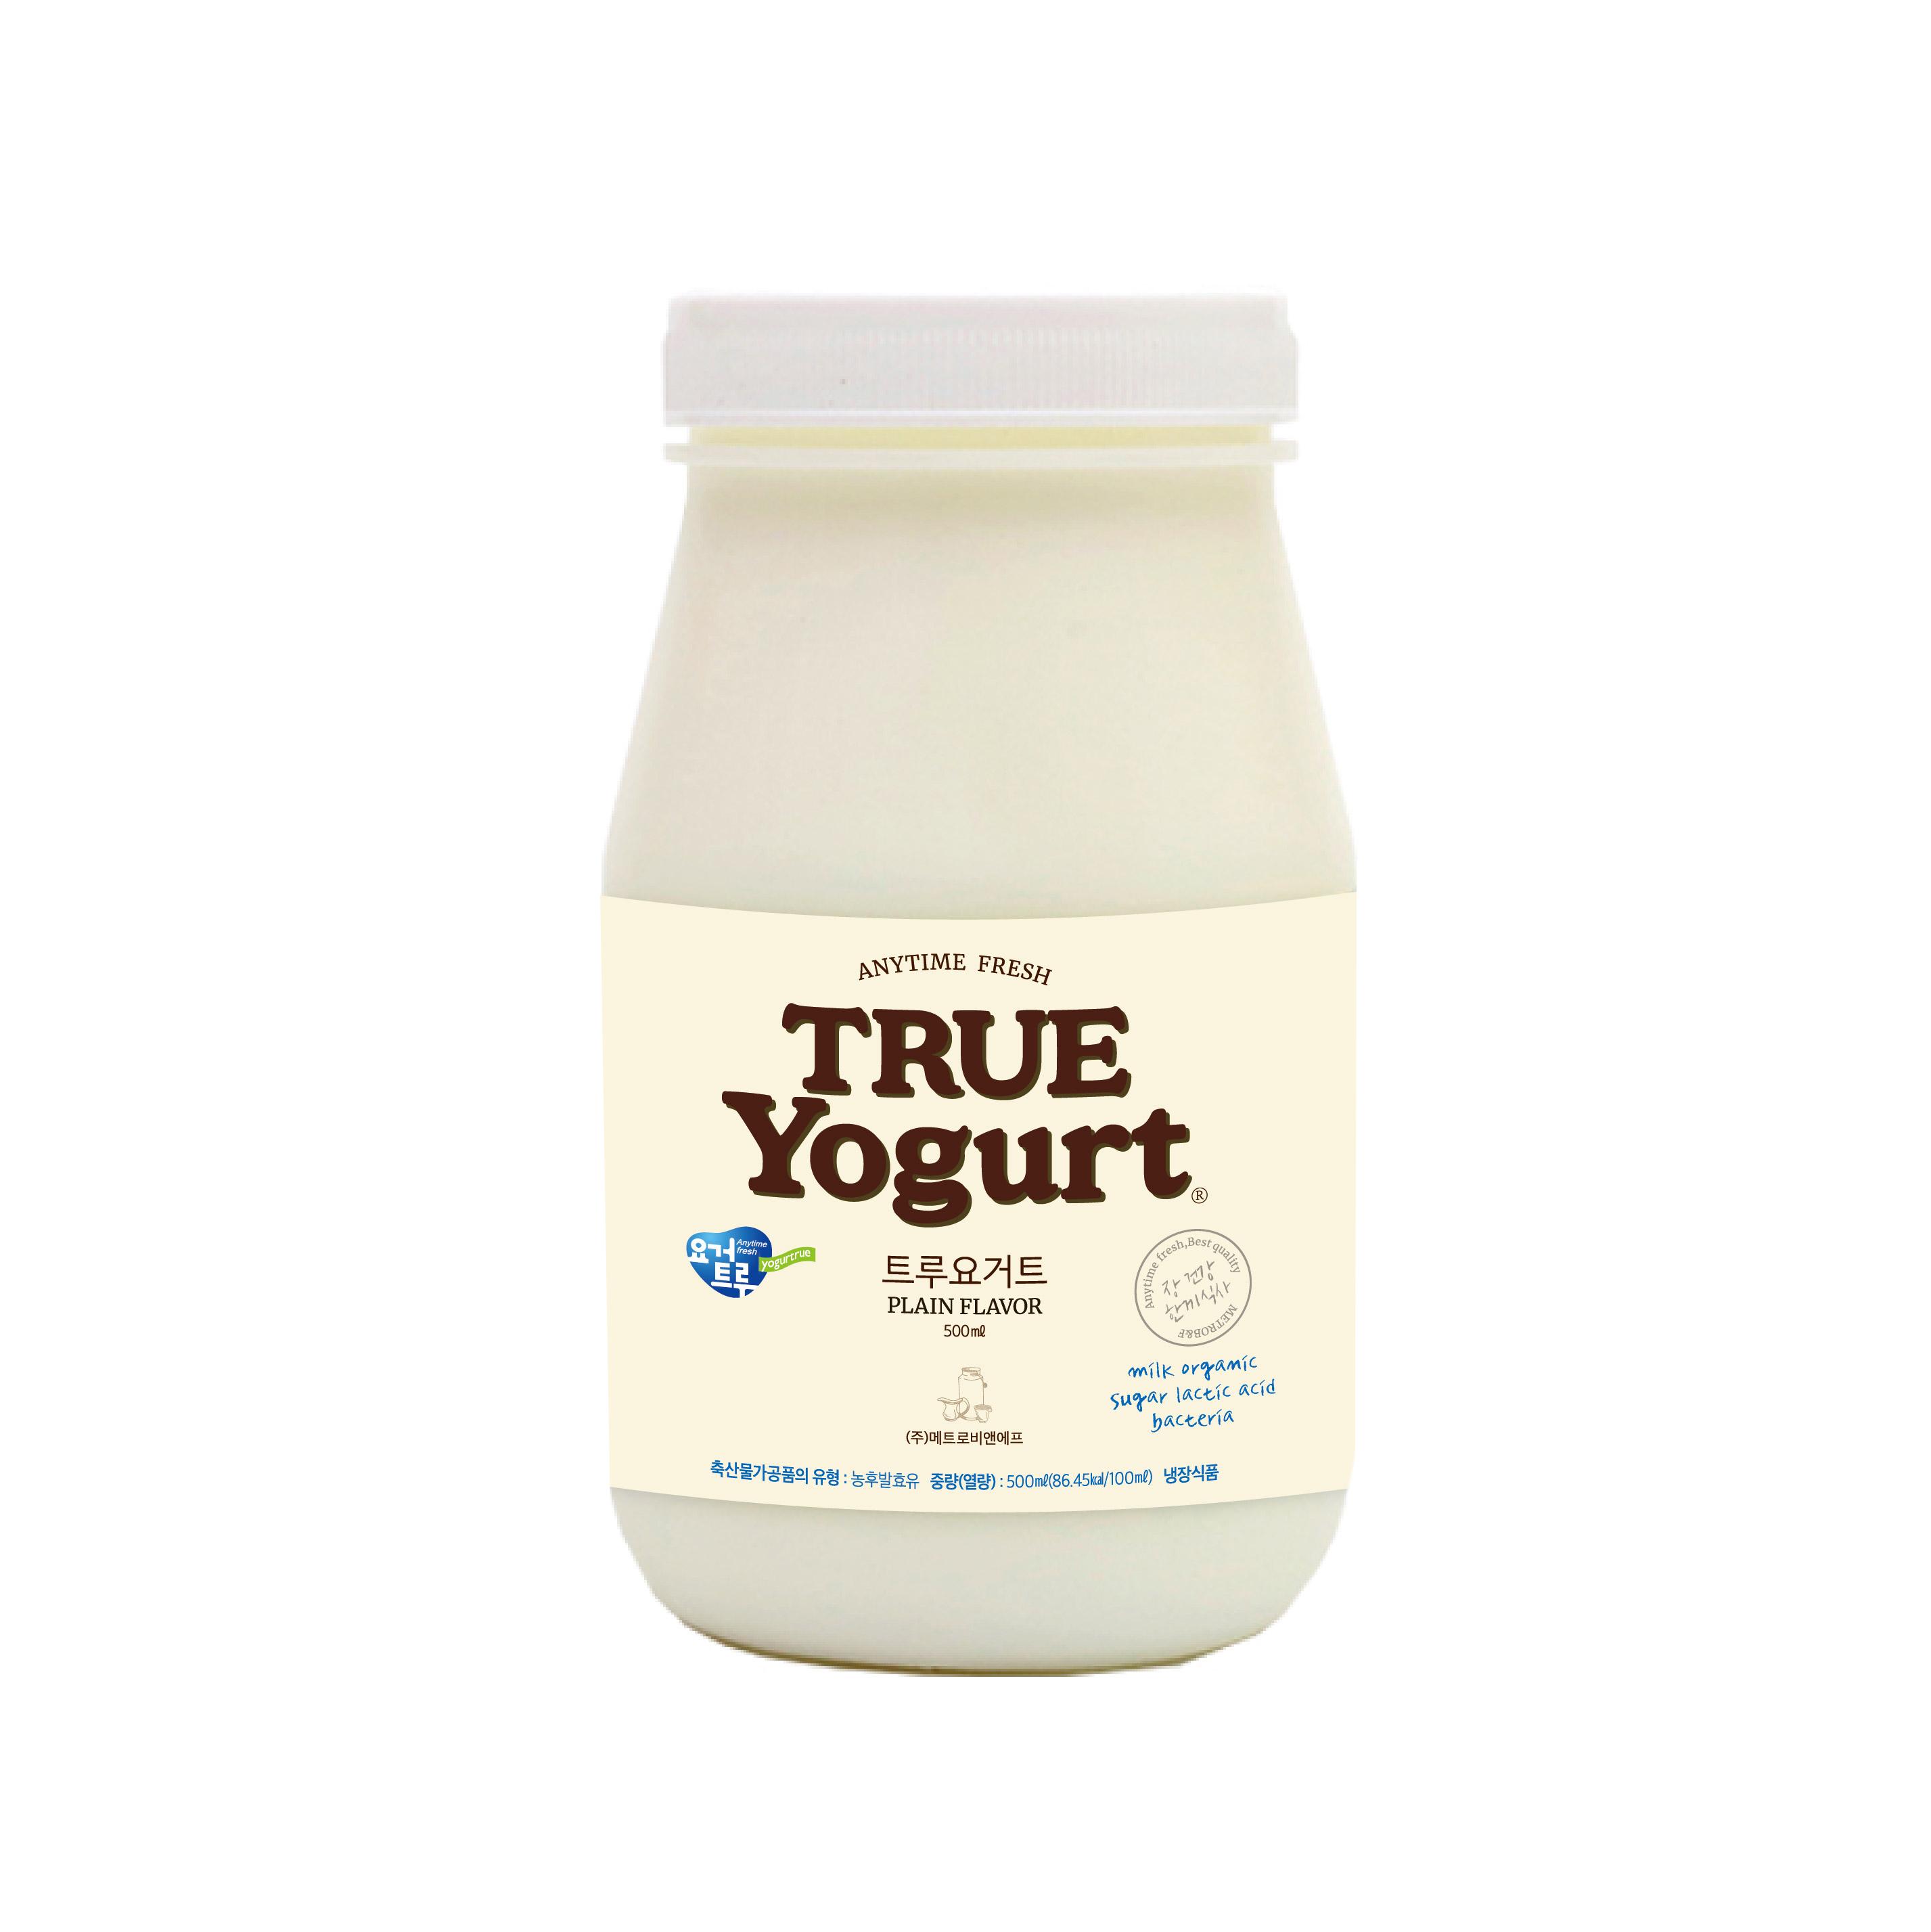 [요거트루] [3개 묶음판매상품] 트루요거트 500g 진한 요거트의 기분좋은 맛 대표이미지 섬네일